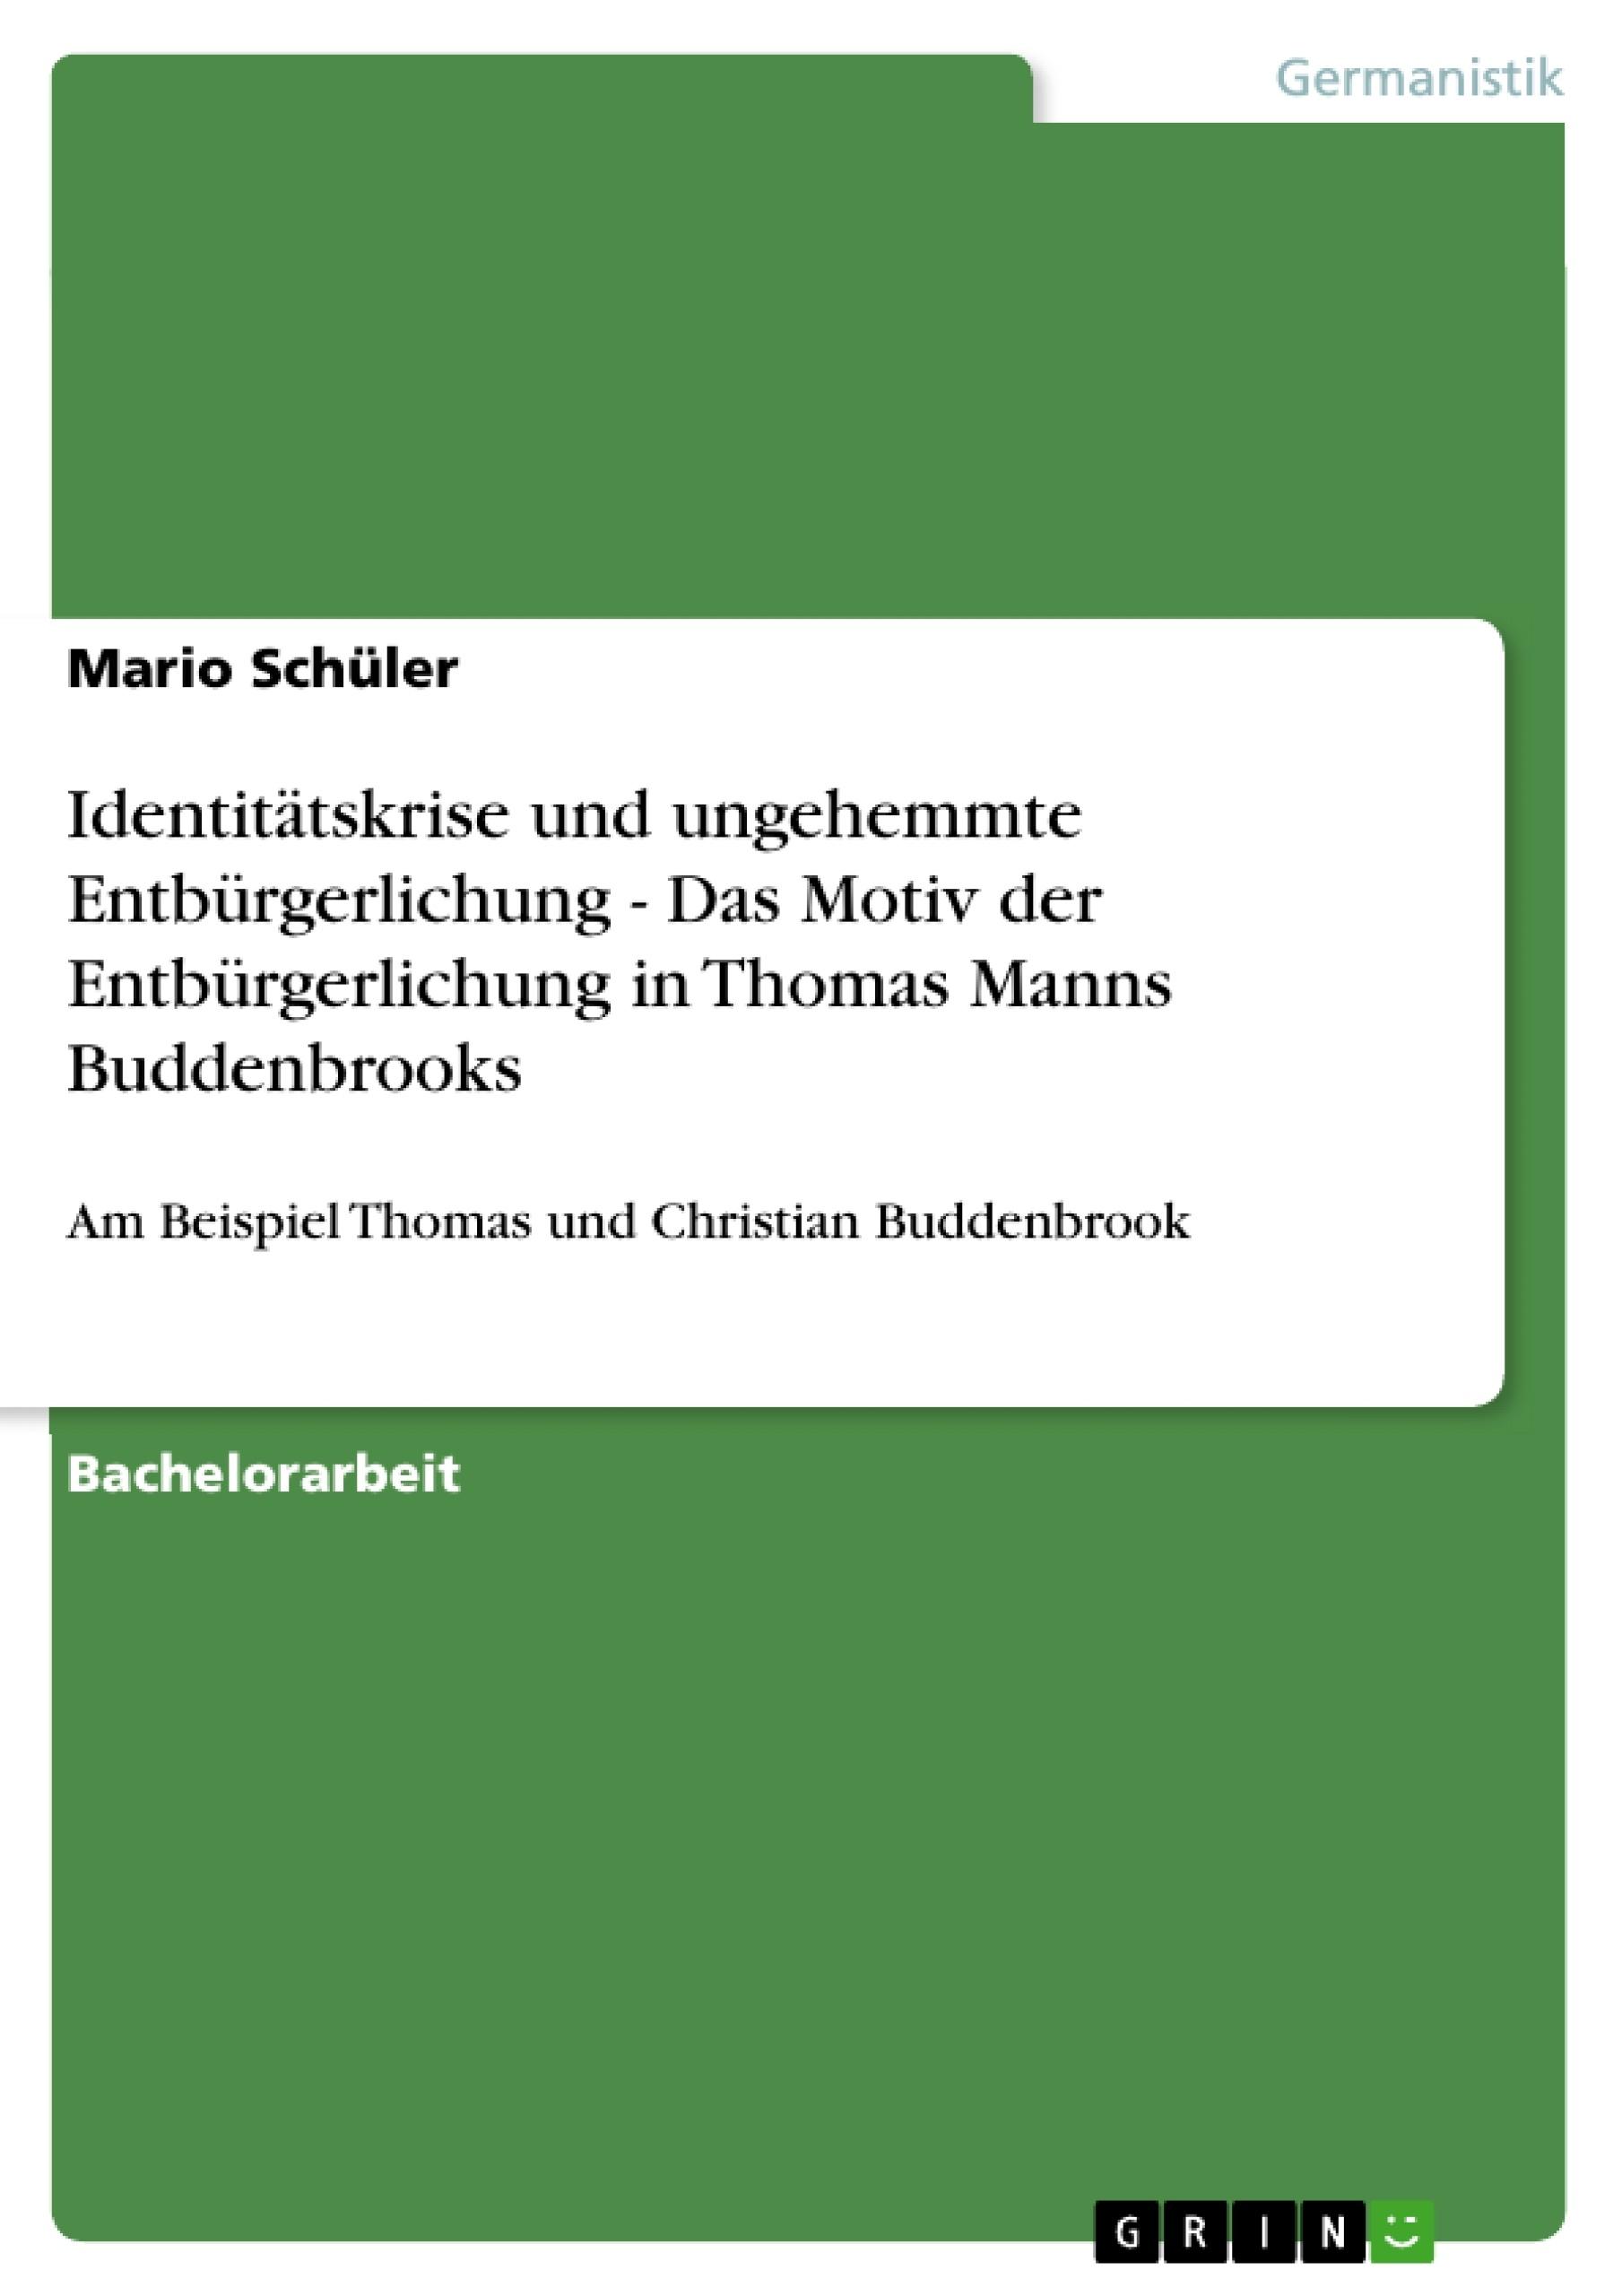 Titel: Identitätskrise und ungehemmte Entbürgerlichung - Das Motiv der Entbürgerlichung in Thomas Manns Buddenbrooks